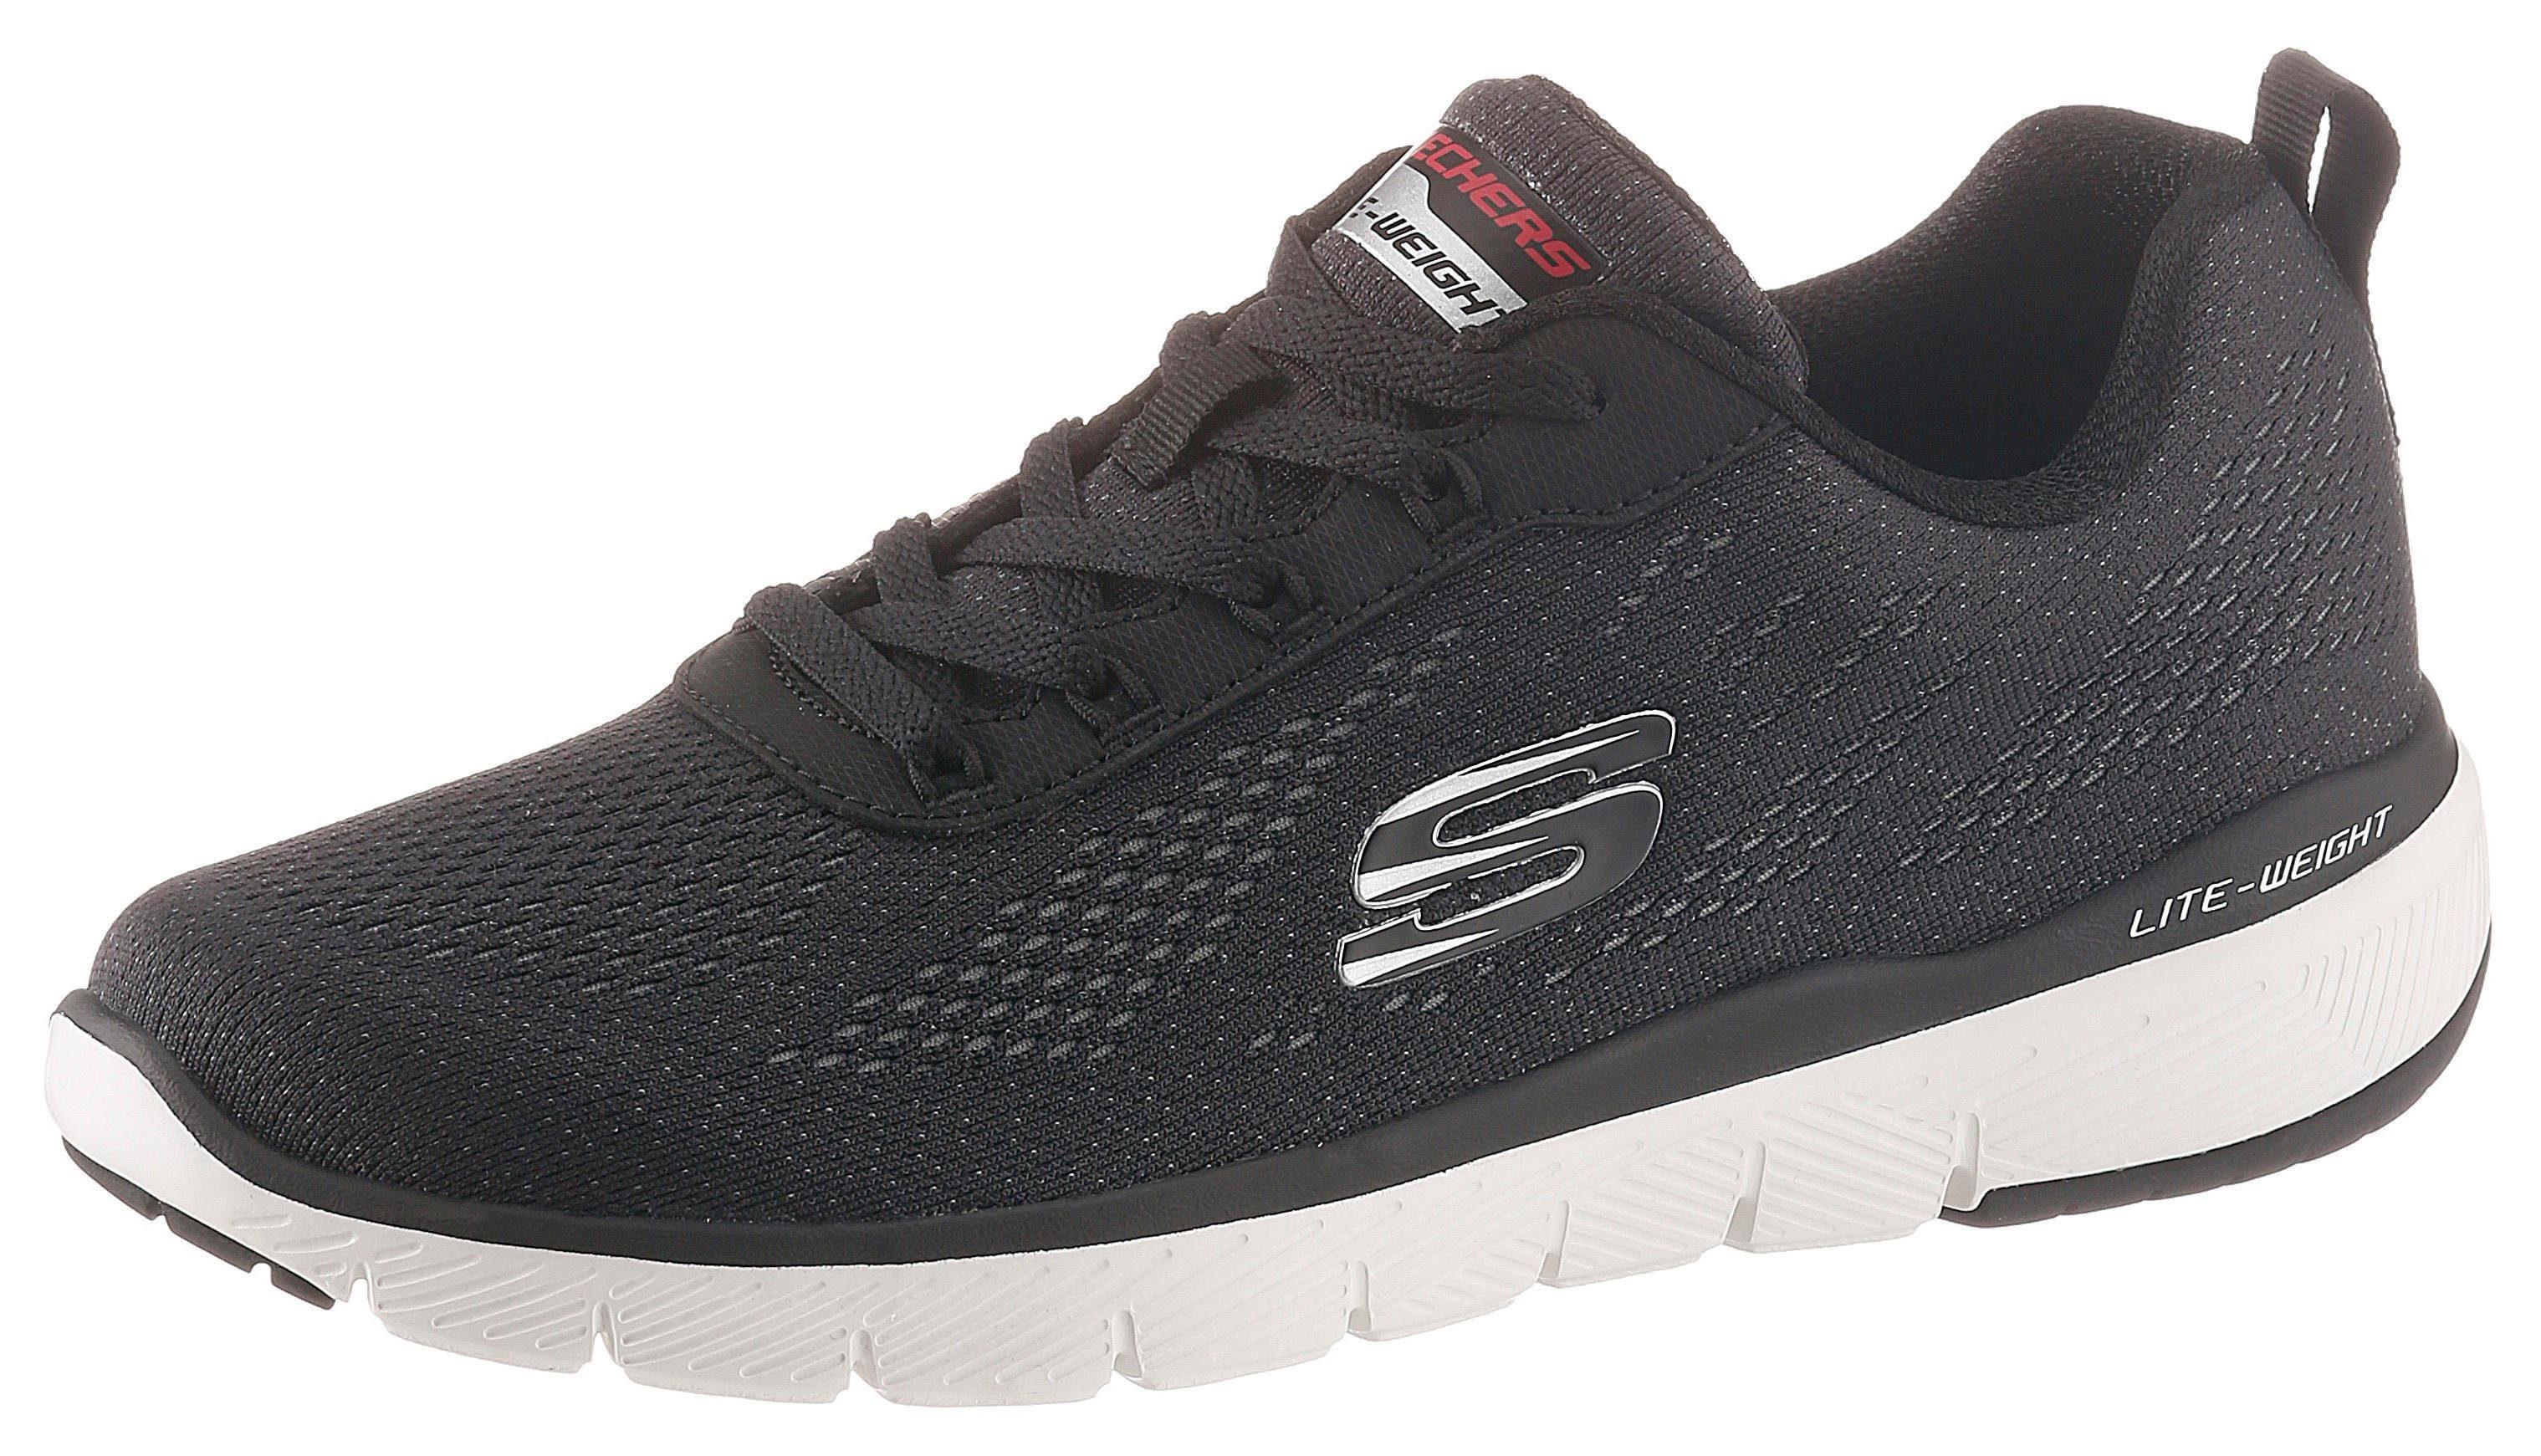 Skechers Sneaker mit weichem Schaftrand, Aus lässigem Textil online kaufen | OTTO